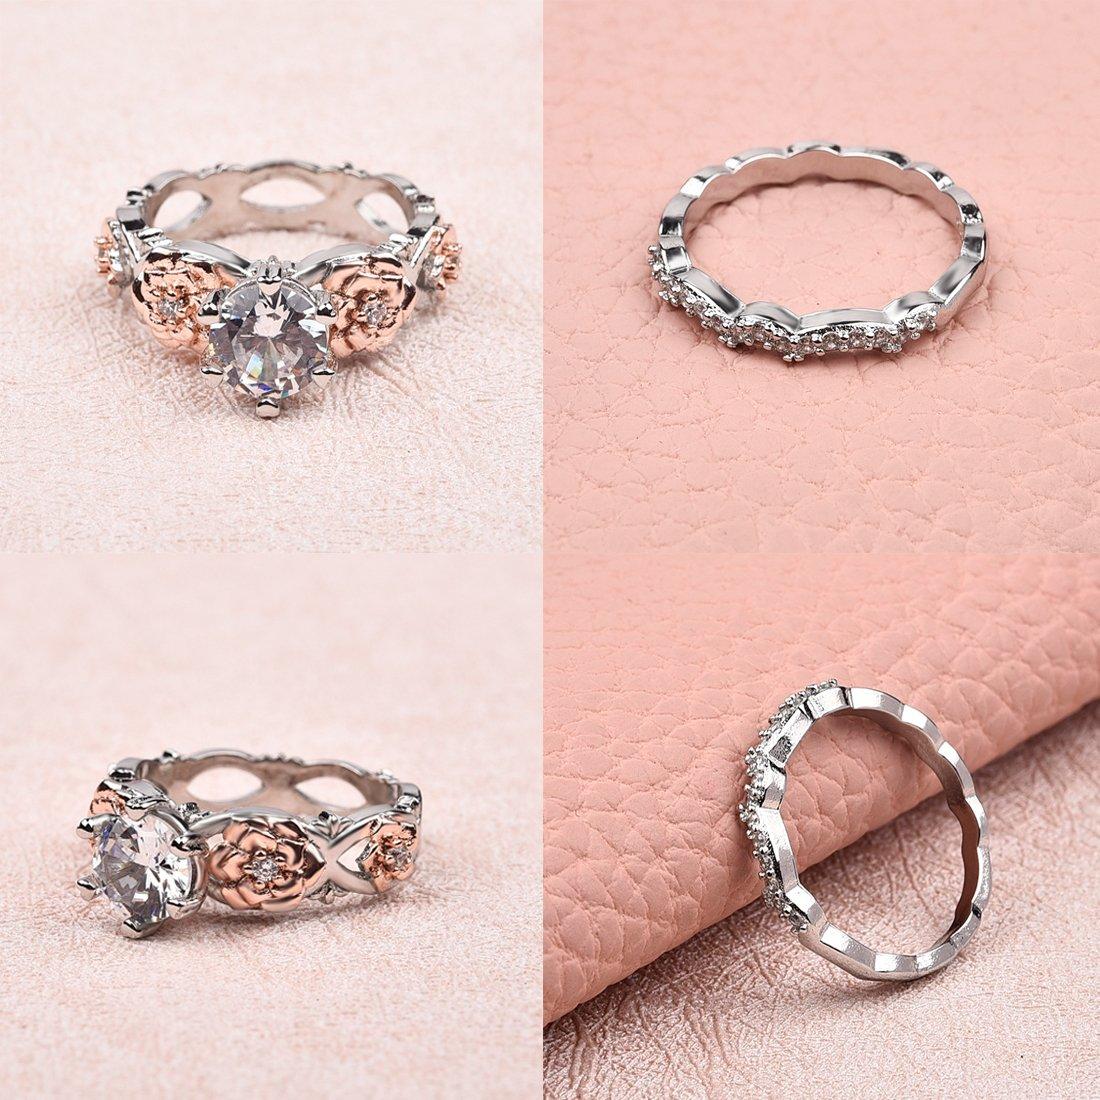 Amazon.com: DALARAN Cubic Zirconia Rings Wedding Set Rose Ring ...